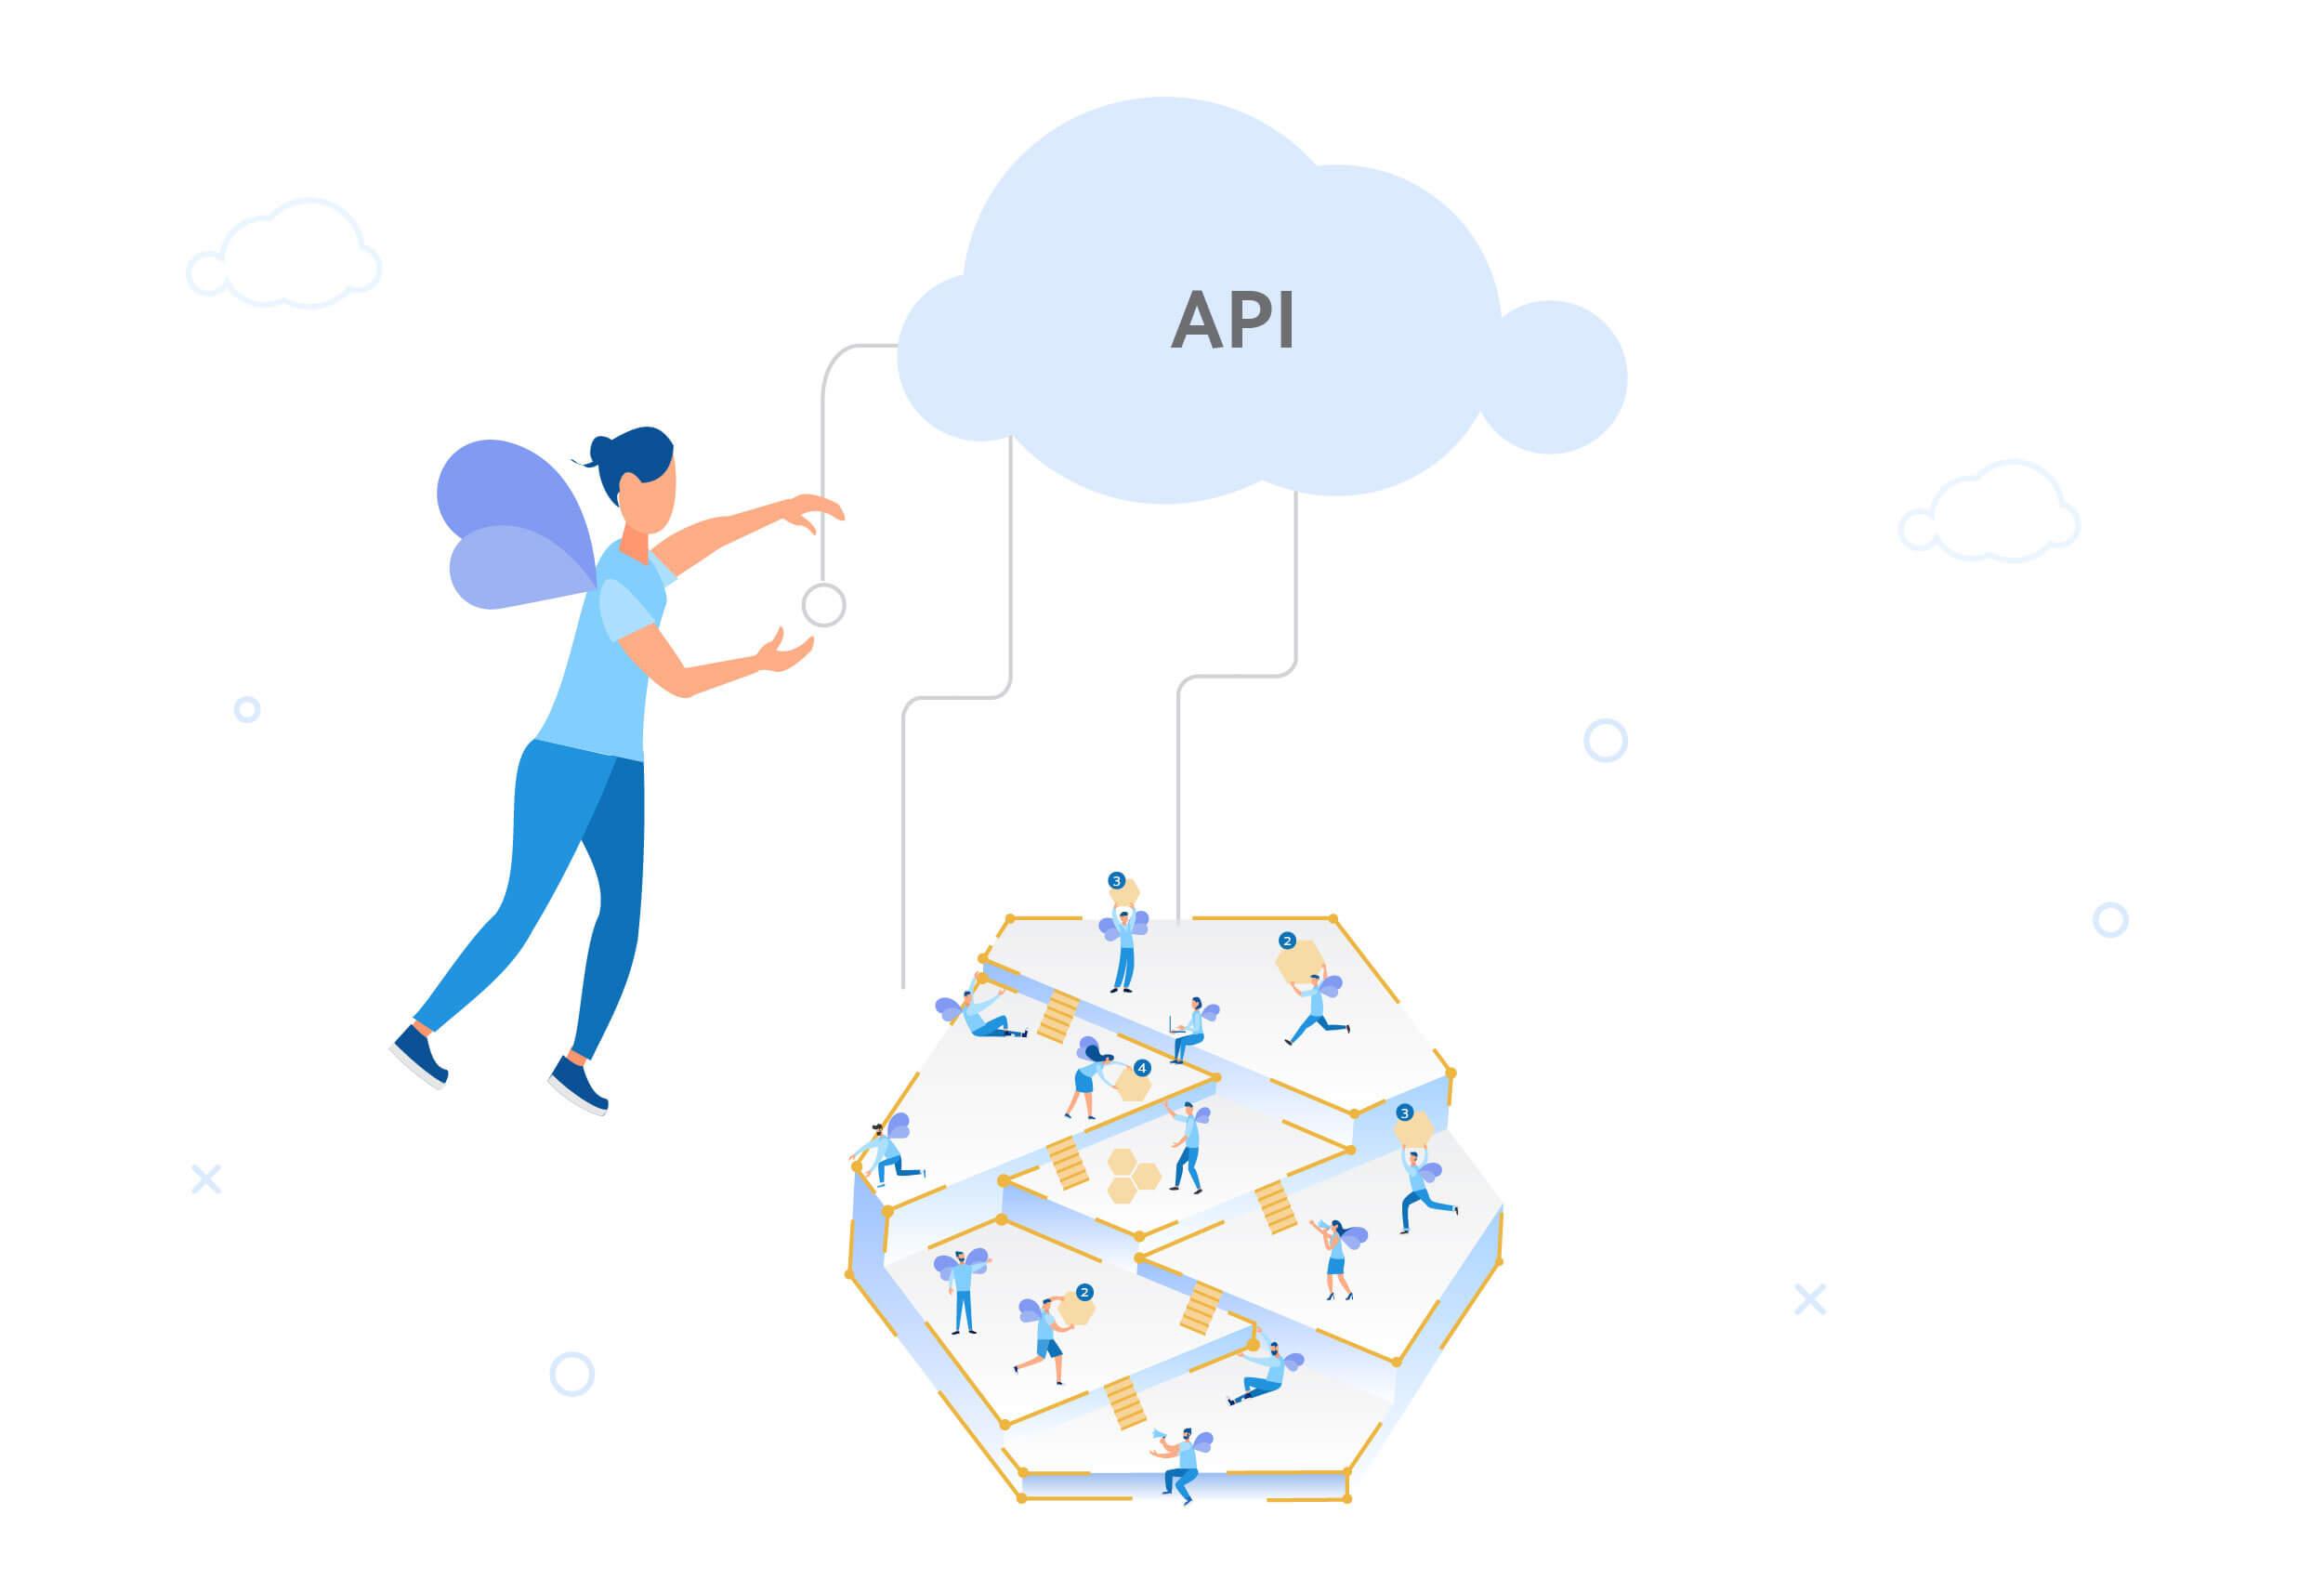 Creare nuove applicazioni che evolvano il tuo alveare digitale